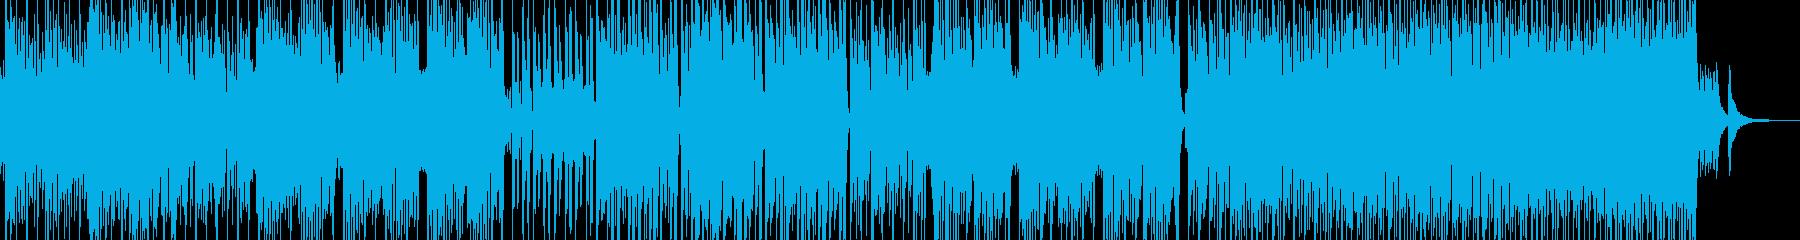 民族的で原始的な雰囲気を演出 エレキ無Aの再生済みの波形